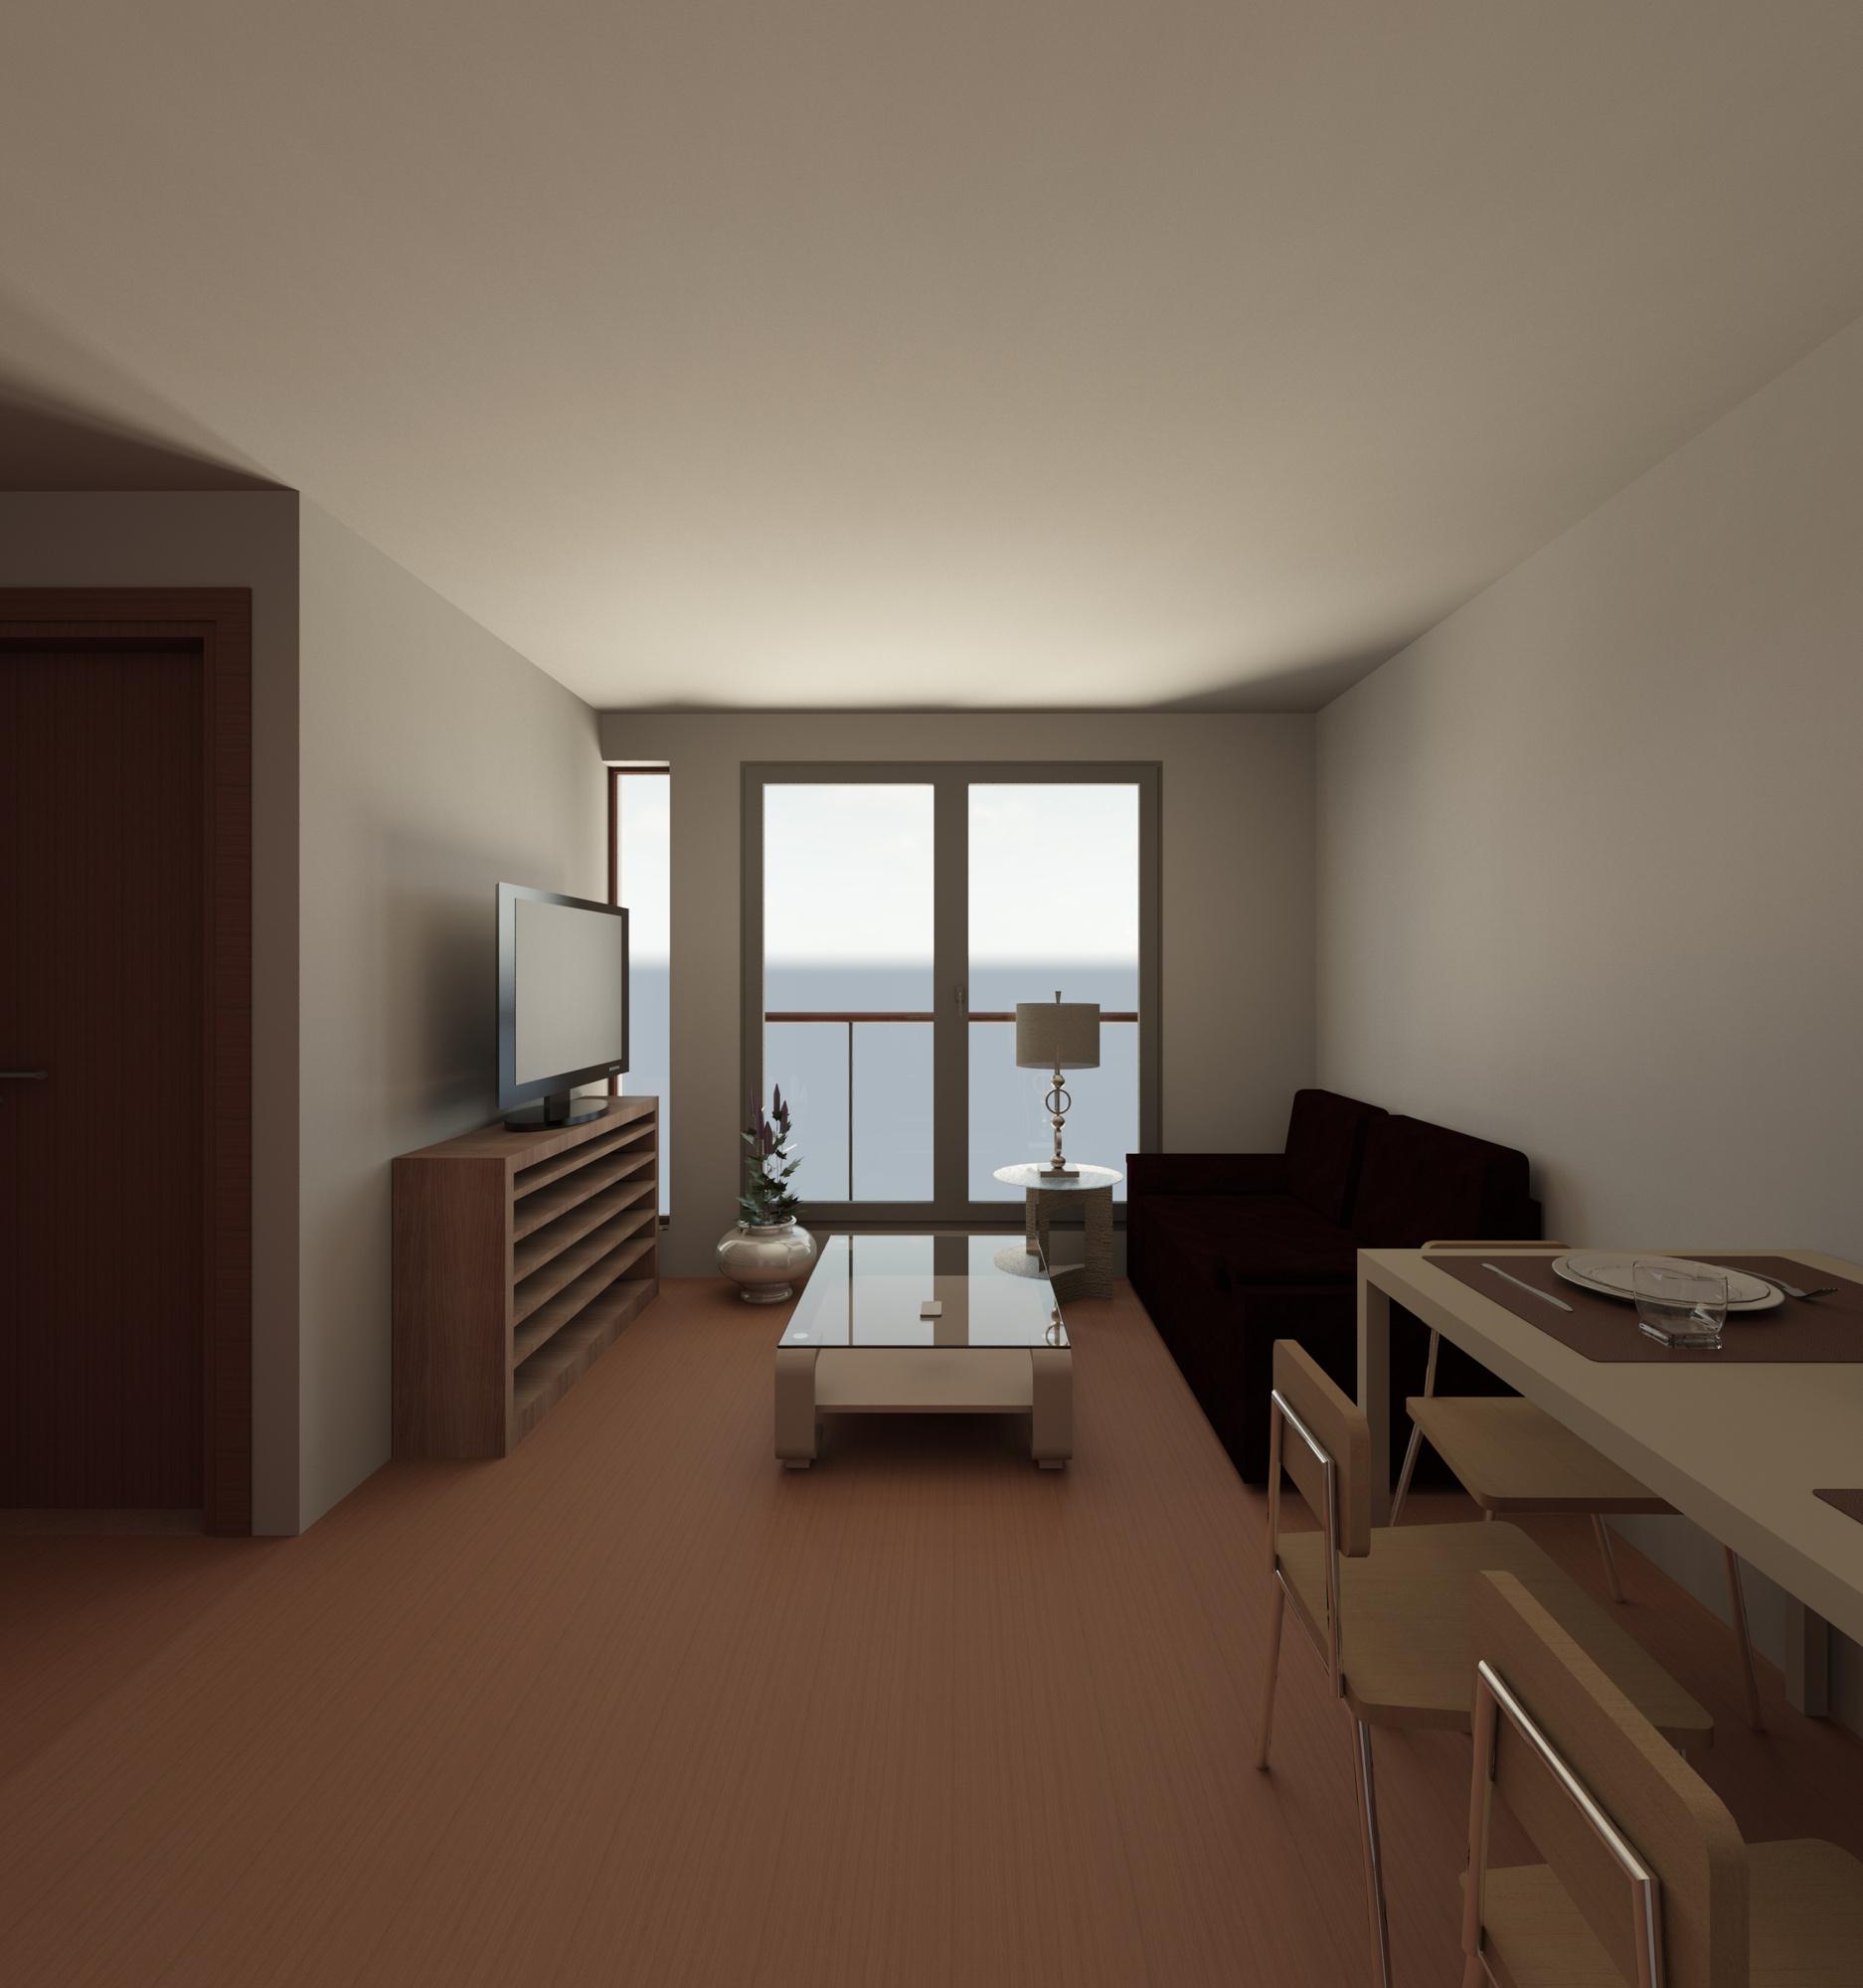 Raas-rendering20150321-20401-t1fbu5